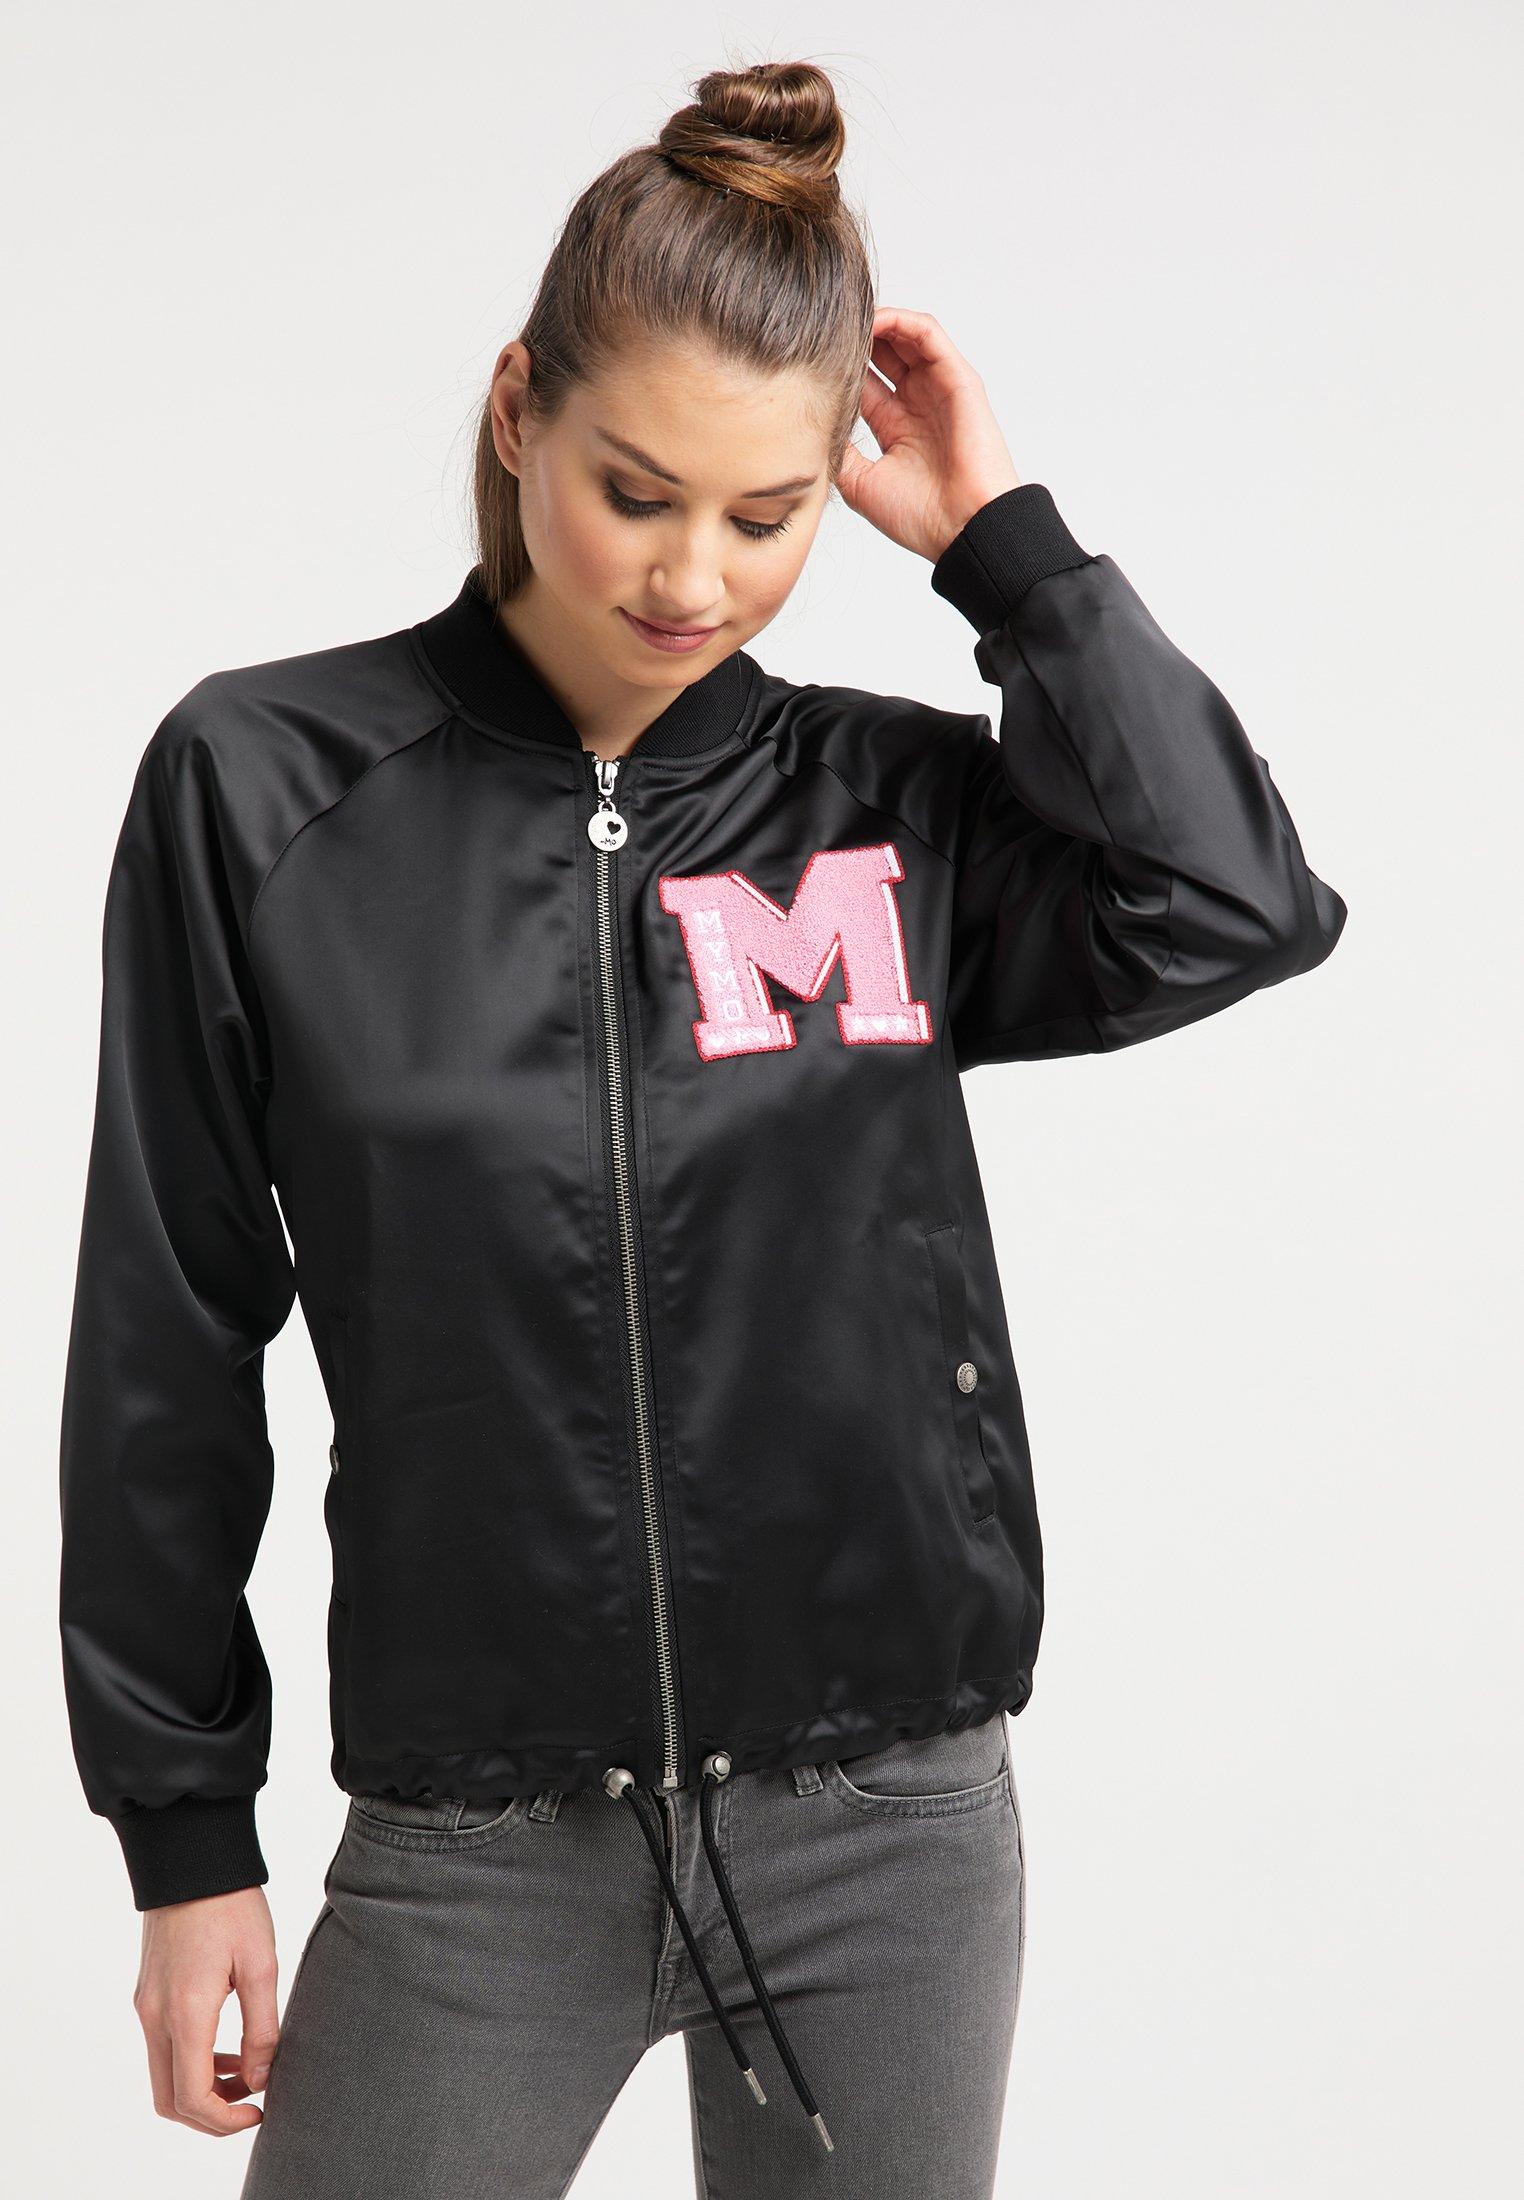 New And Fashion Women's Clothing myMo Bomber Jacket black hAoCU2skw